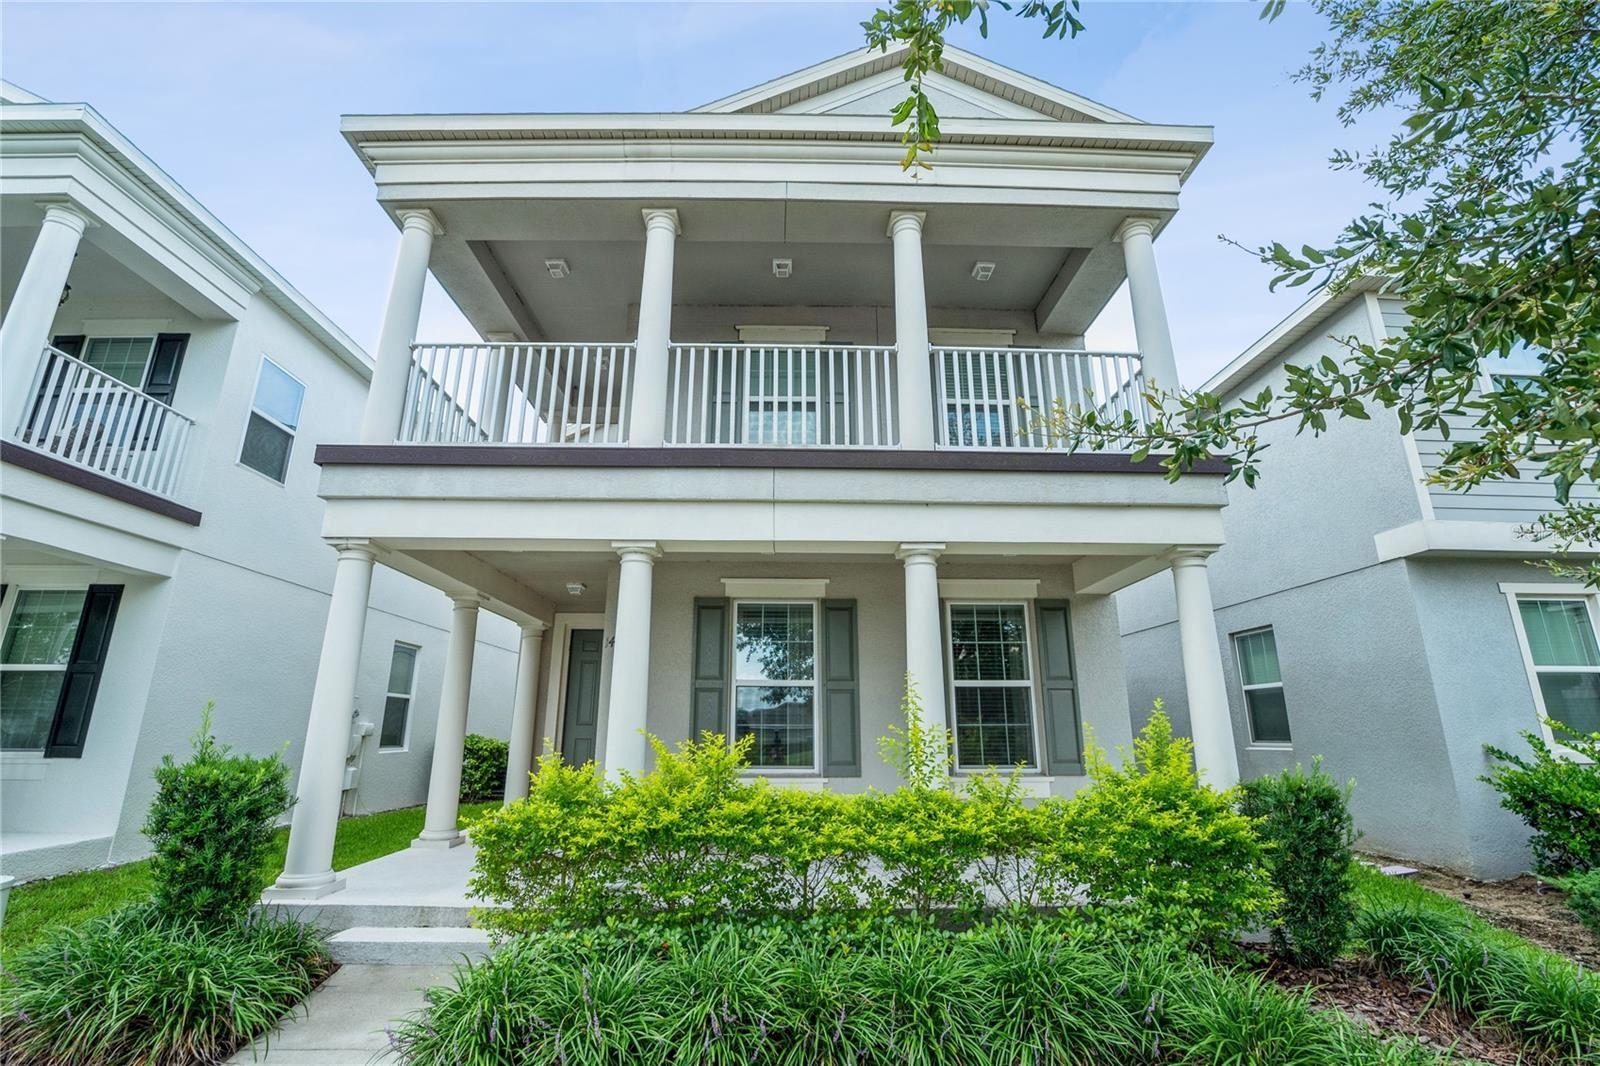 14354 ORCHARD HILLS BOULEVARD, Winter Garden, FL 34787 - #: O5952284